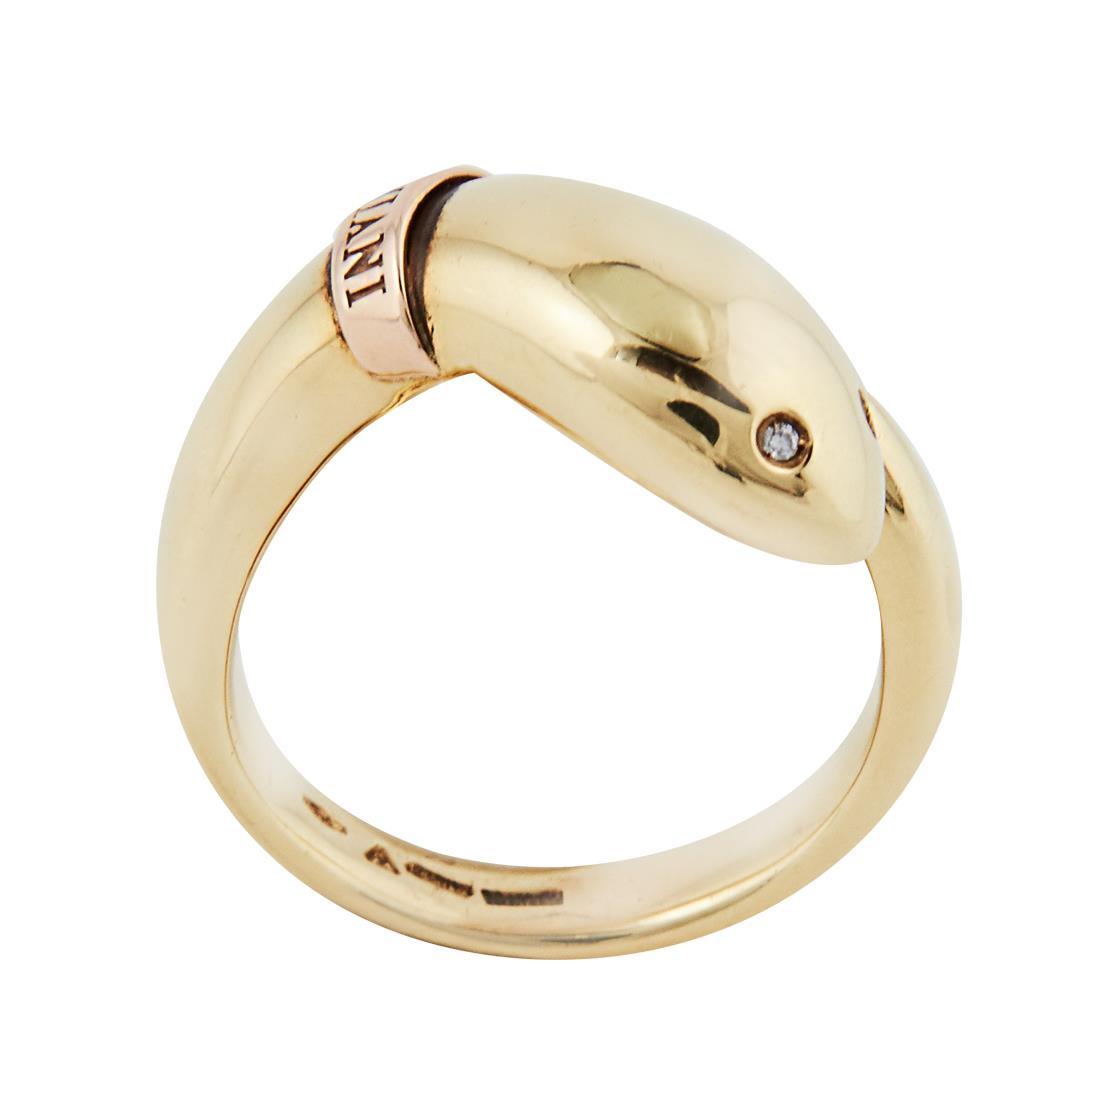 Anello in oro giallo con diamanti, misura 15 - DAMIANI